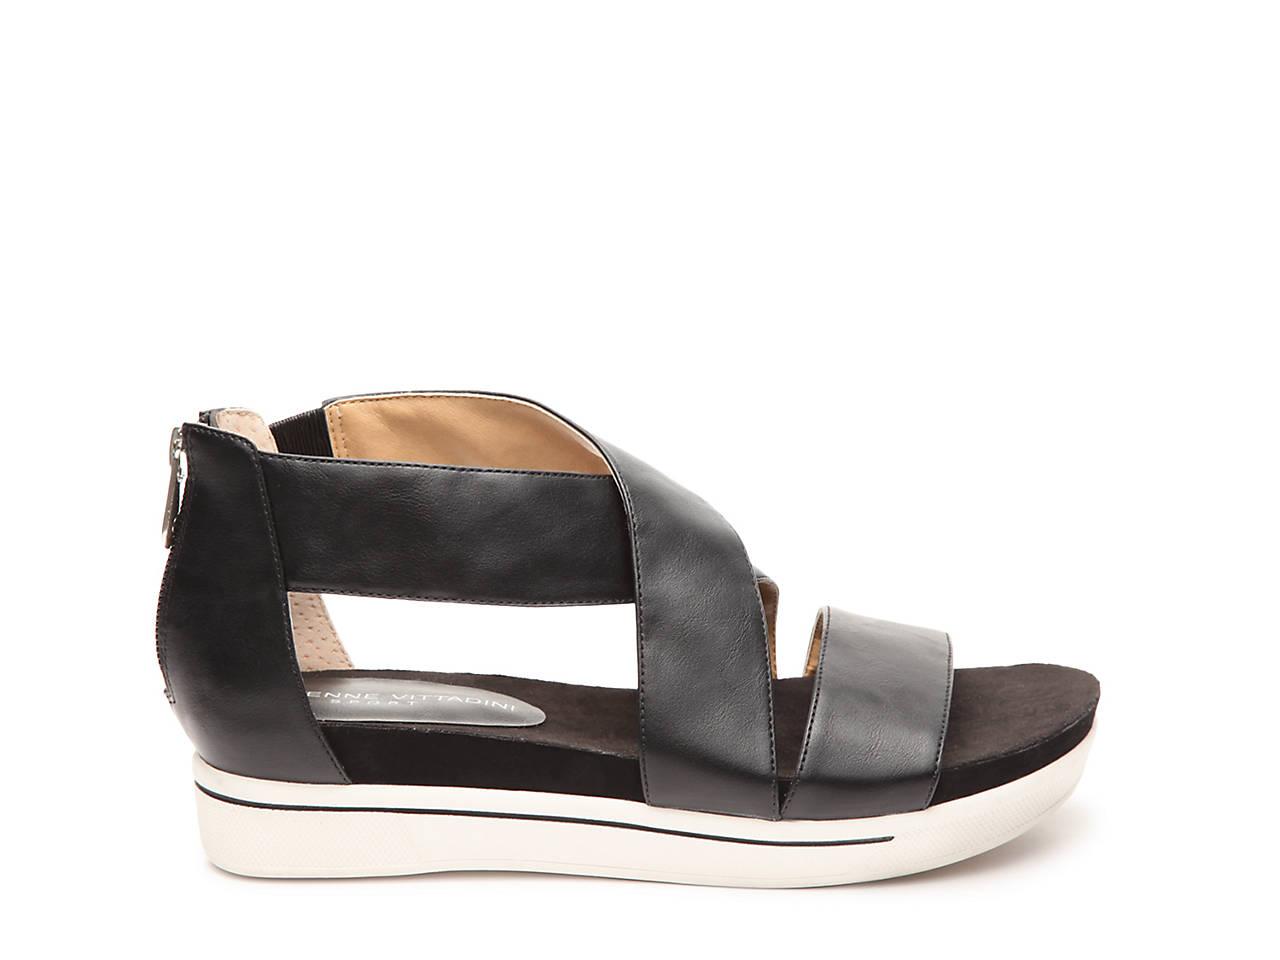 Black sandals at dsw - Black Sandals At Dsw 47